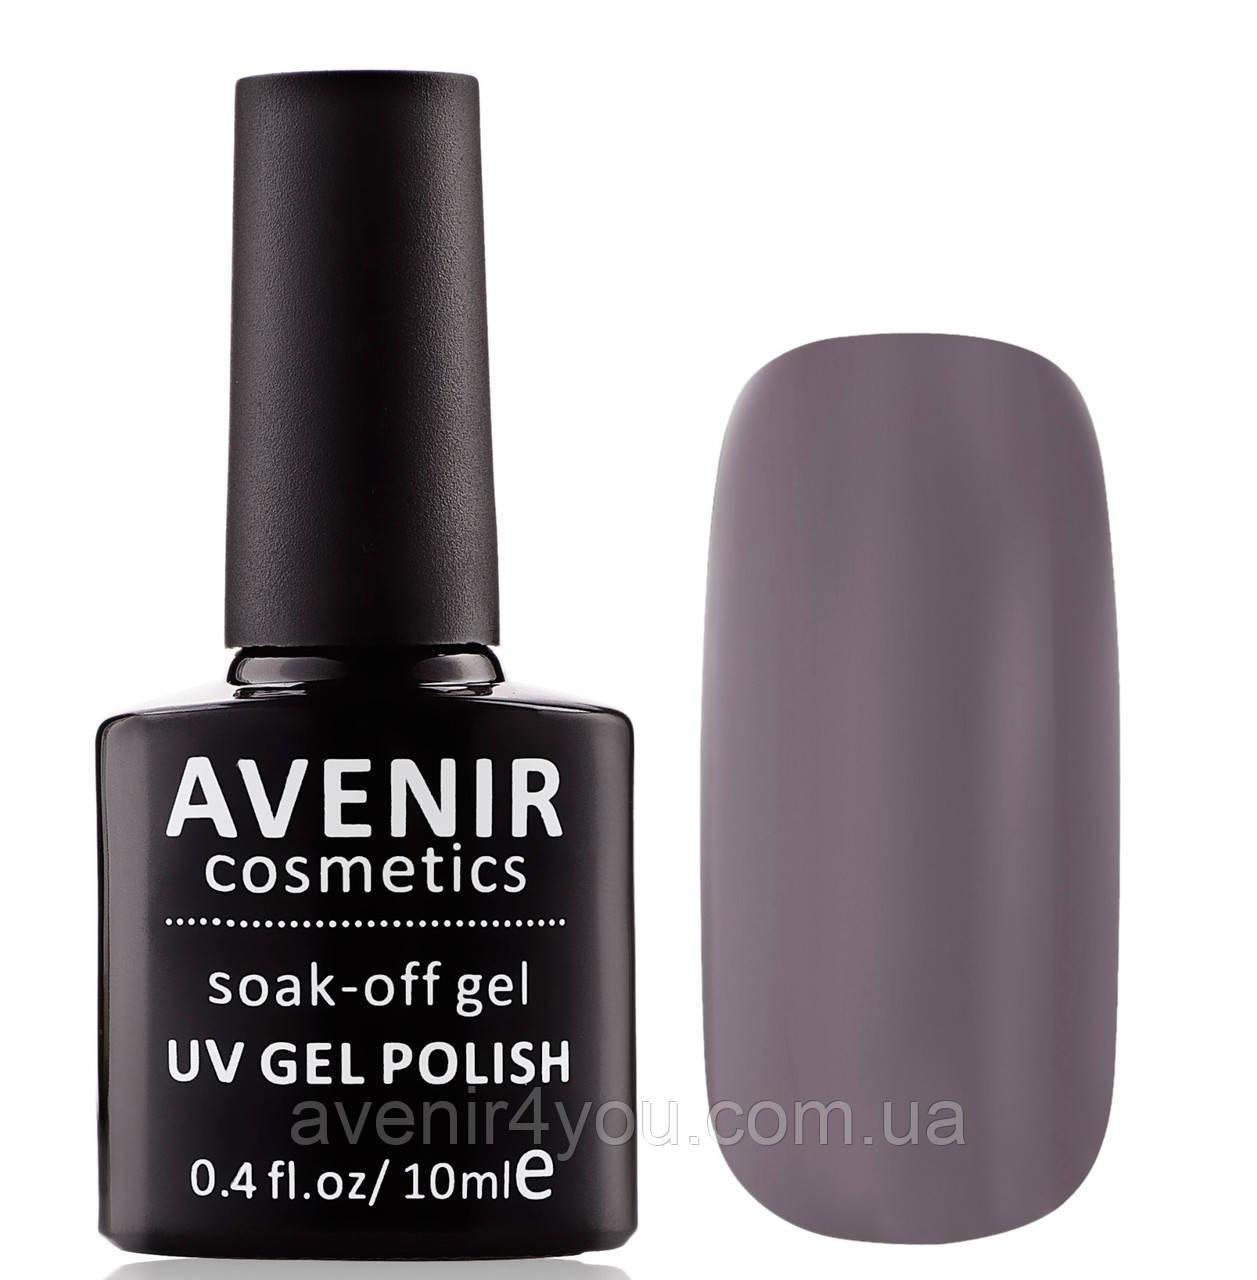 Гель-лак AVENIR Cosmetics №45. Серо-бежевая эмаль